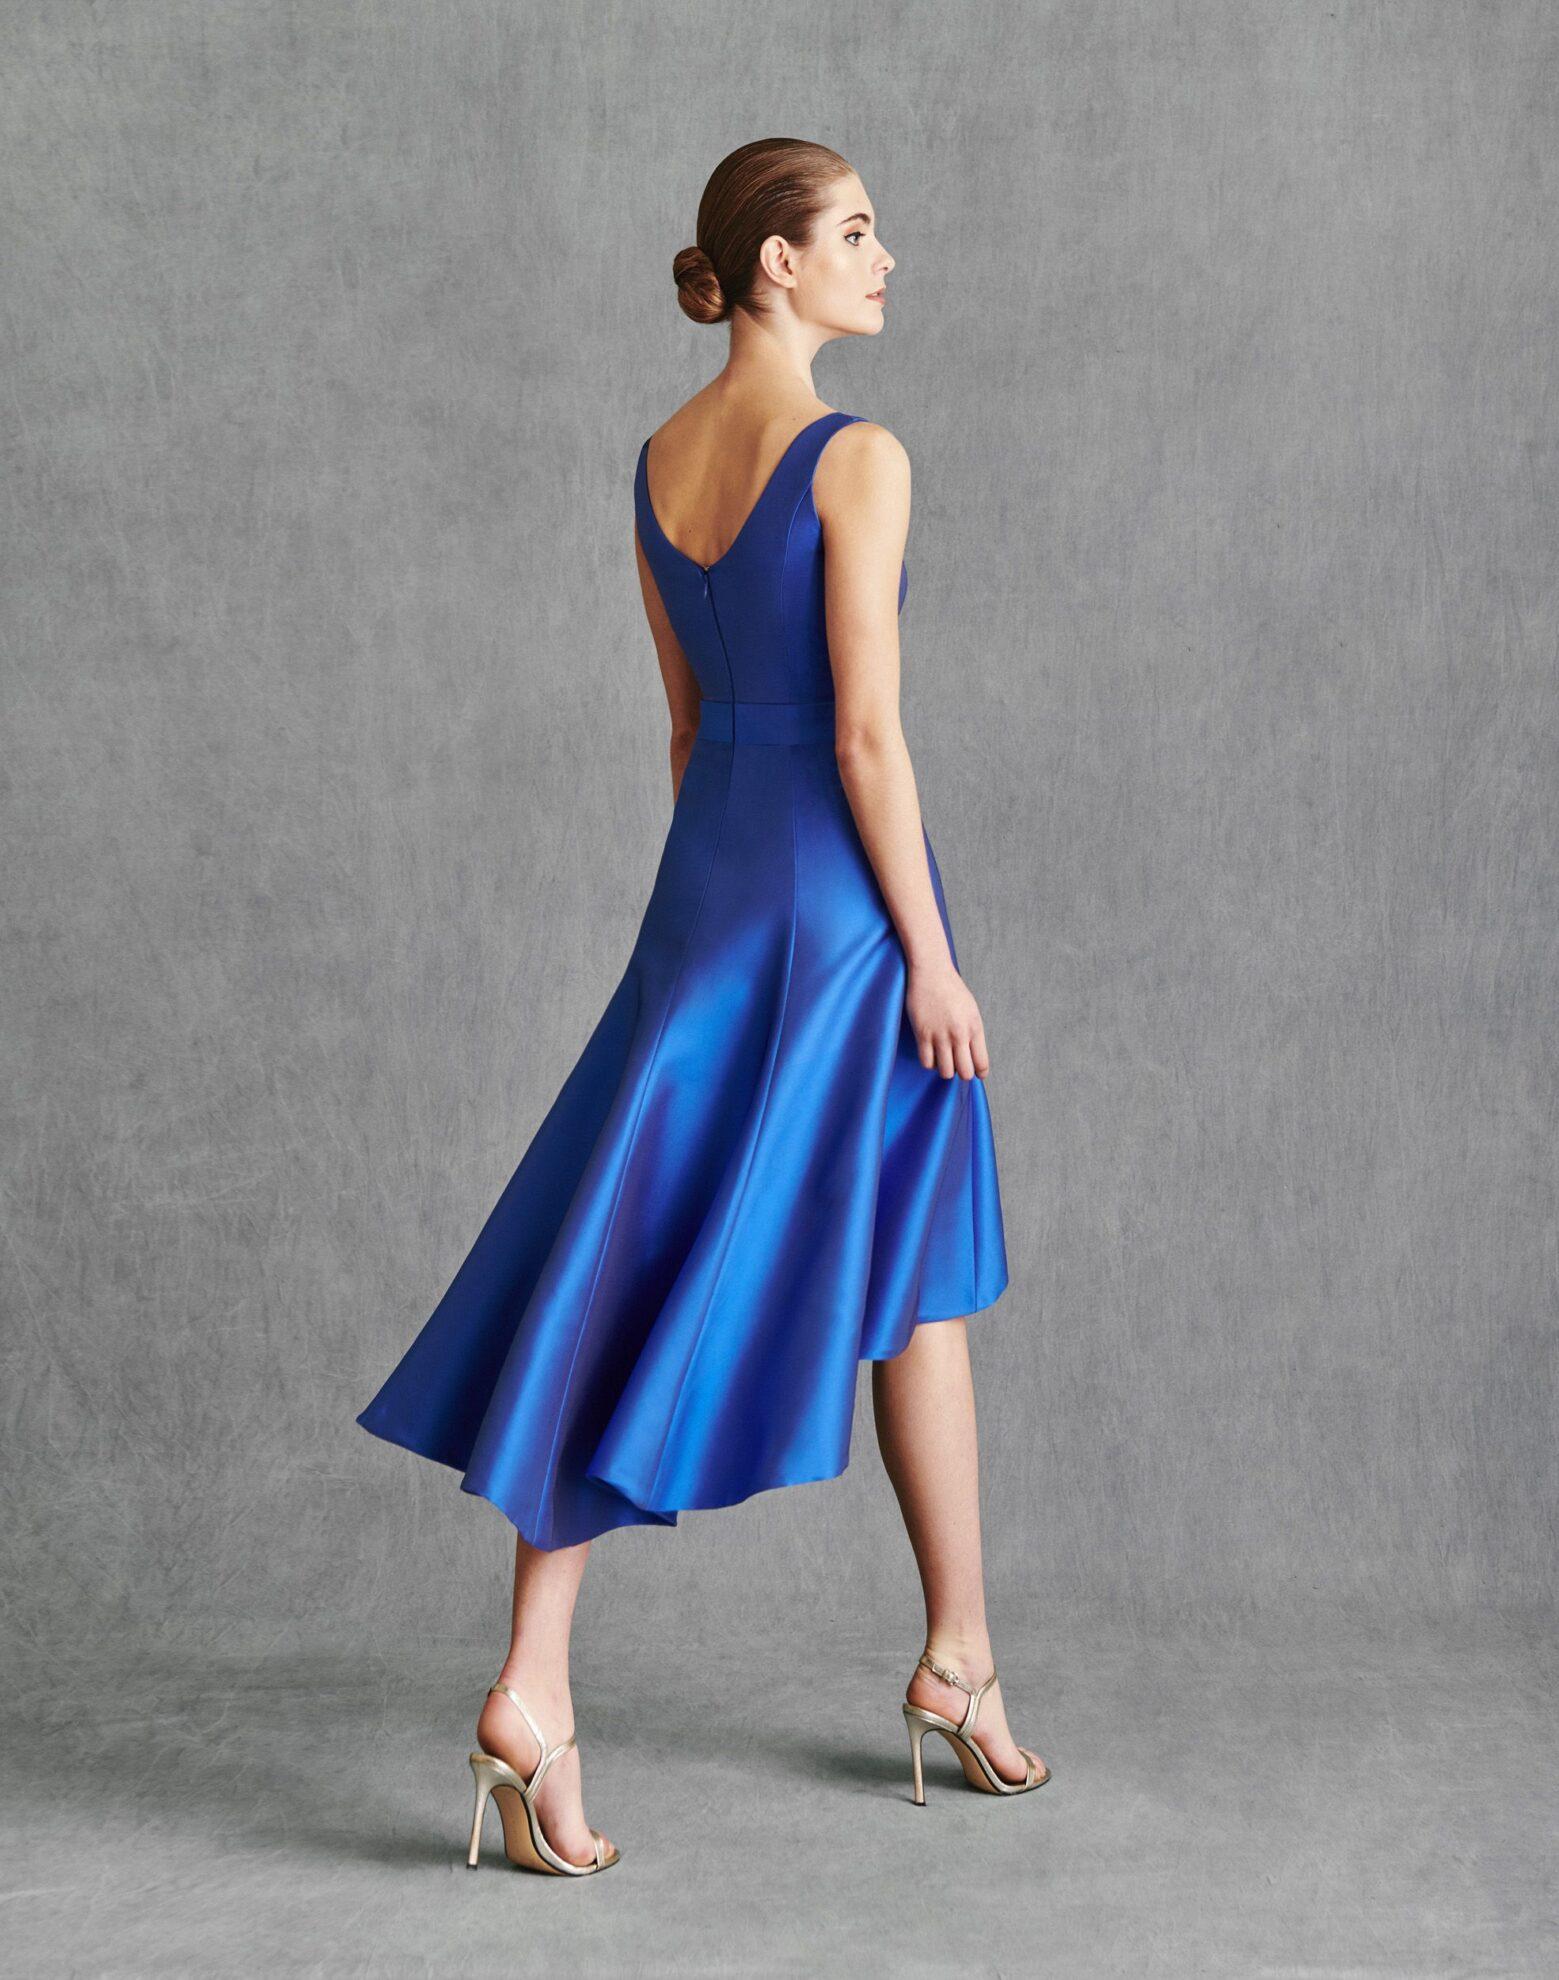 Vestidos de Fiesta 2020 - Silvia Fernandez Atelier - INDIA - detrás